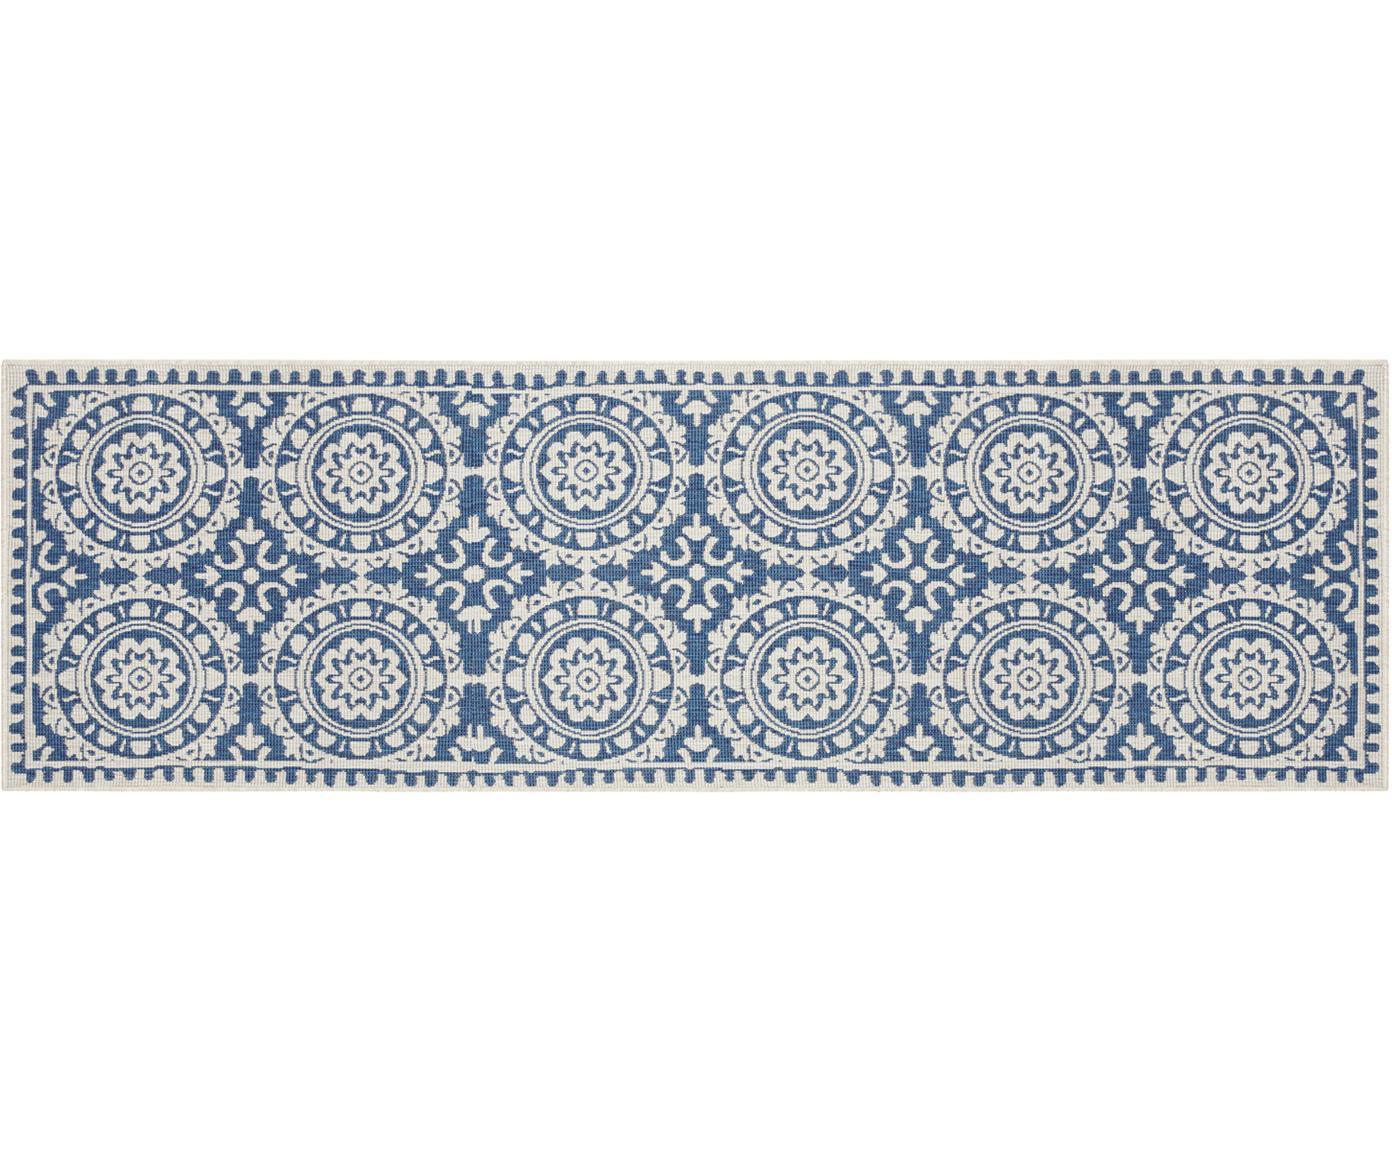 Dubbelzijdige in- en outdoor loper Jardin, Polypropyleen, Blauw, crèmekleurig, 80 x 250 cm